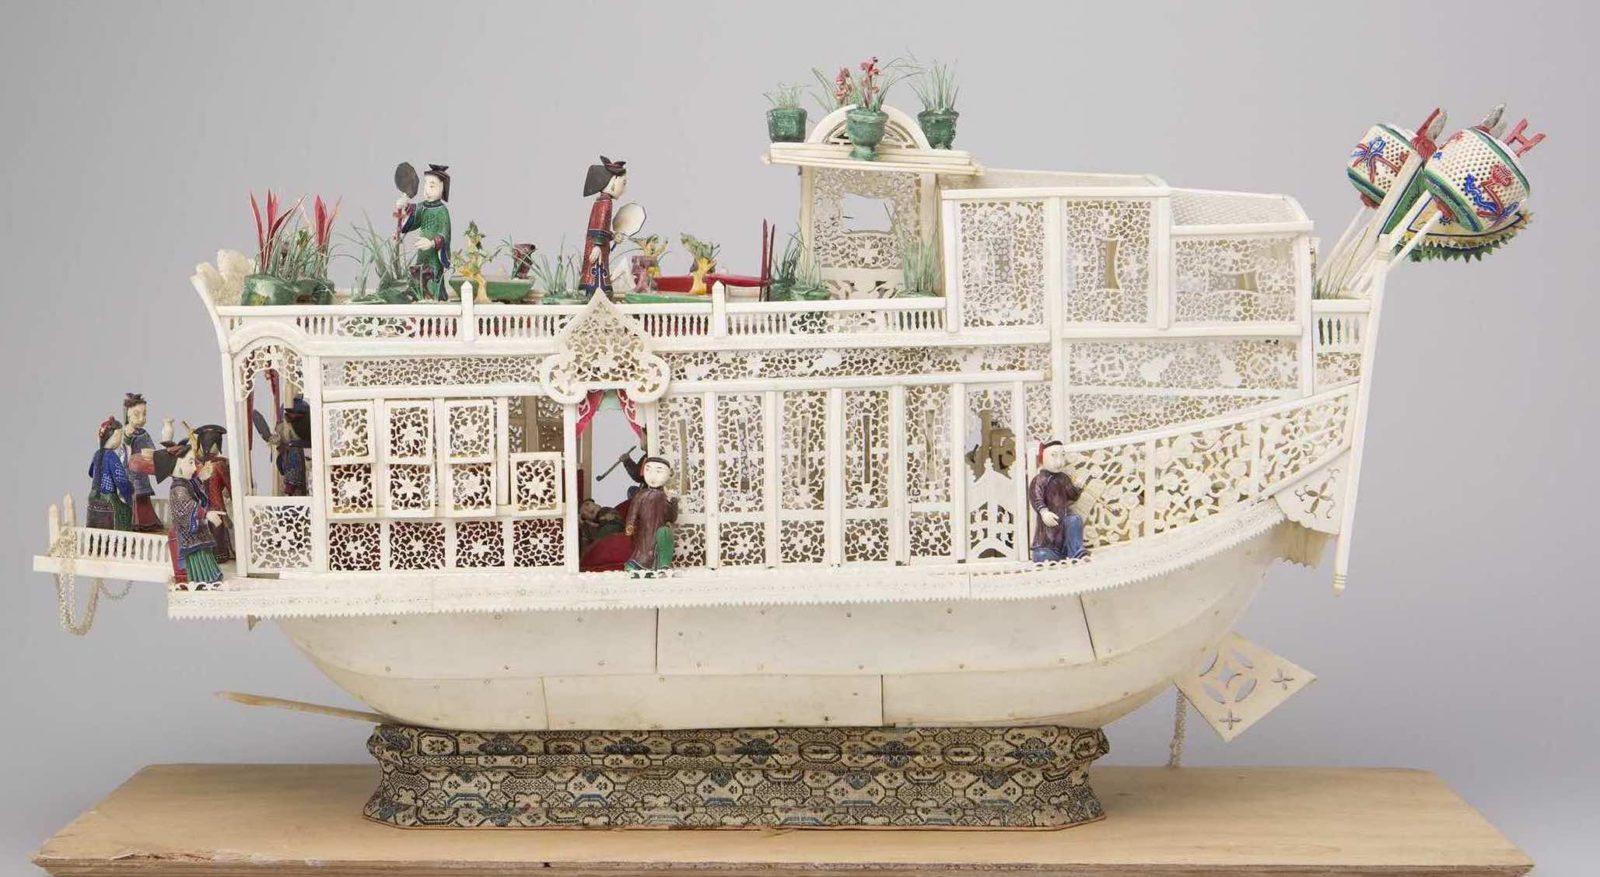 Modèle de jonque d'apparat, ChineCollection Musée d'ethnographie Genève@nicolaslieber.ch